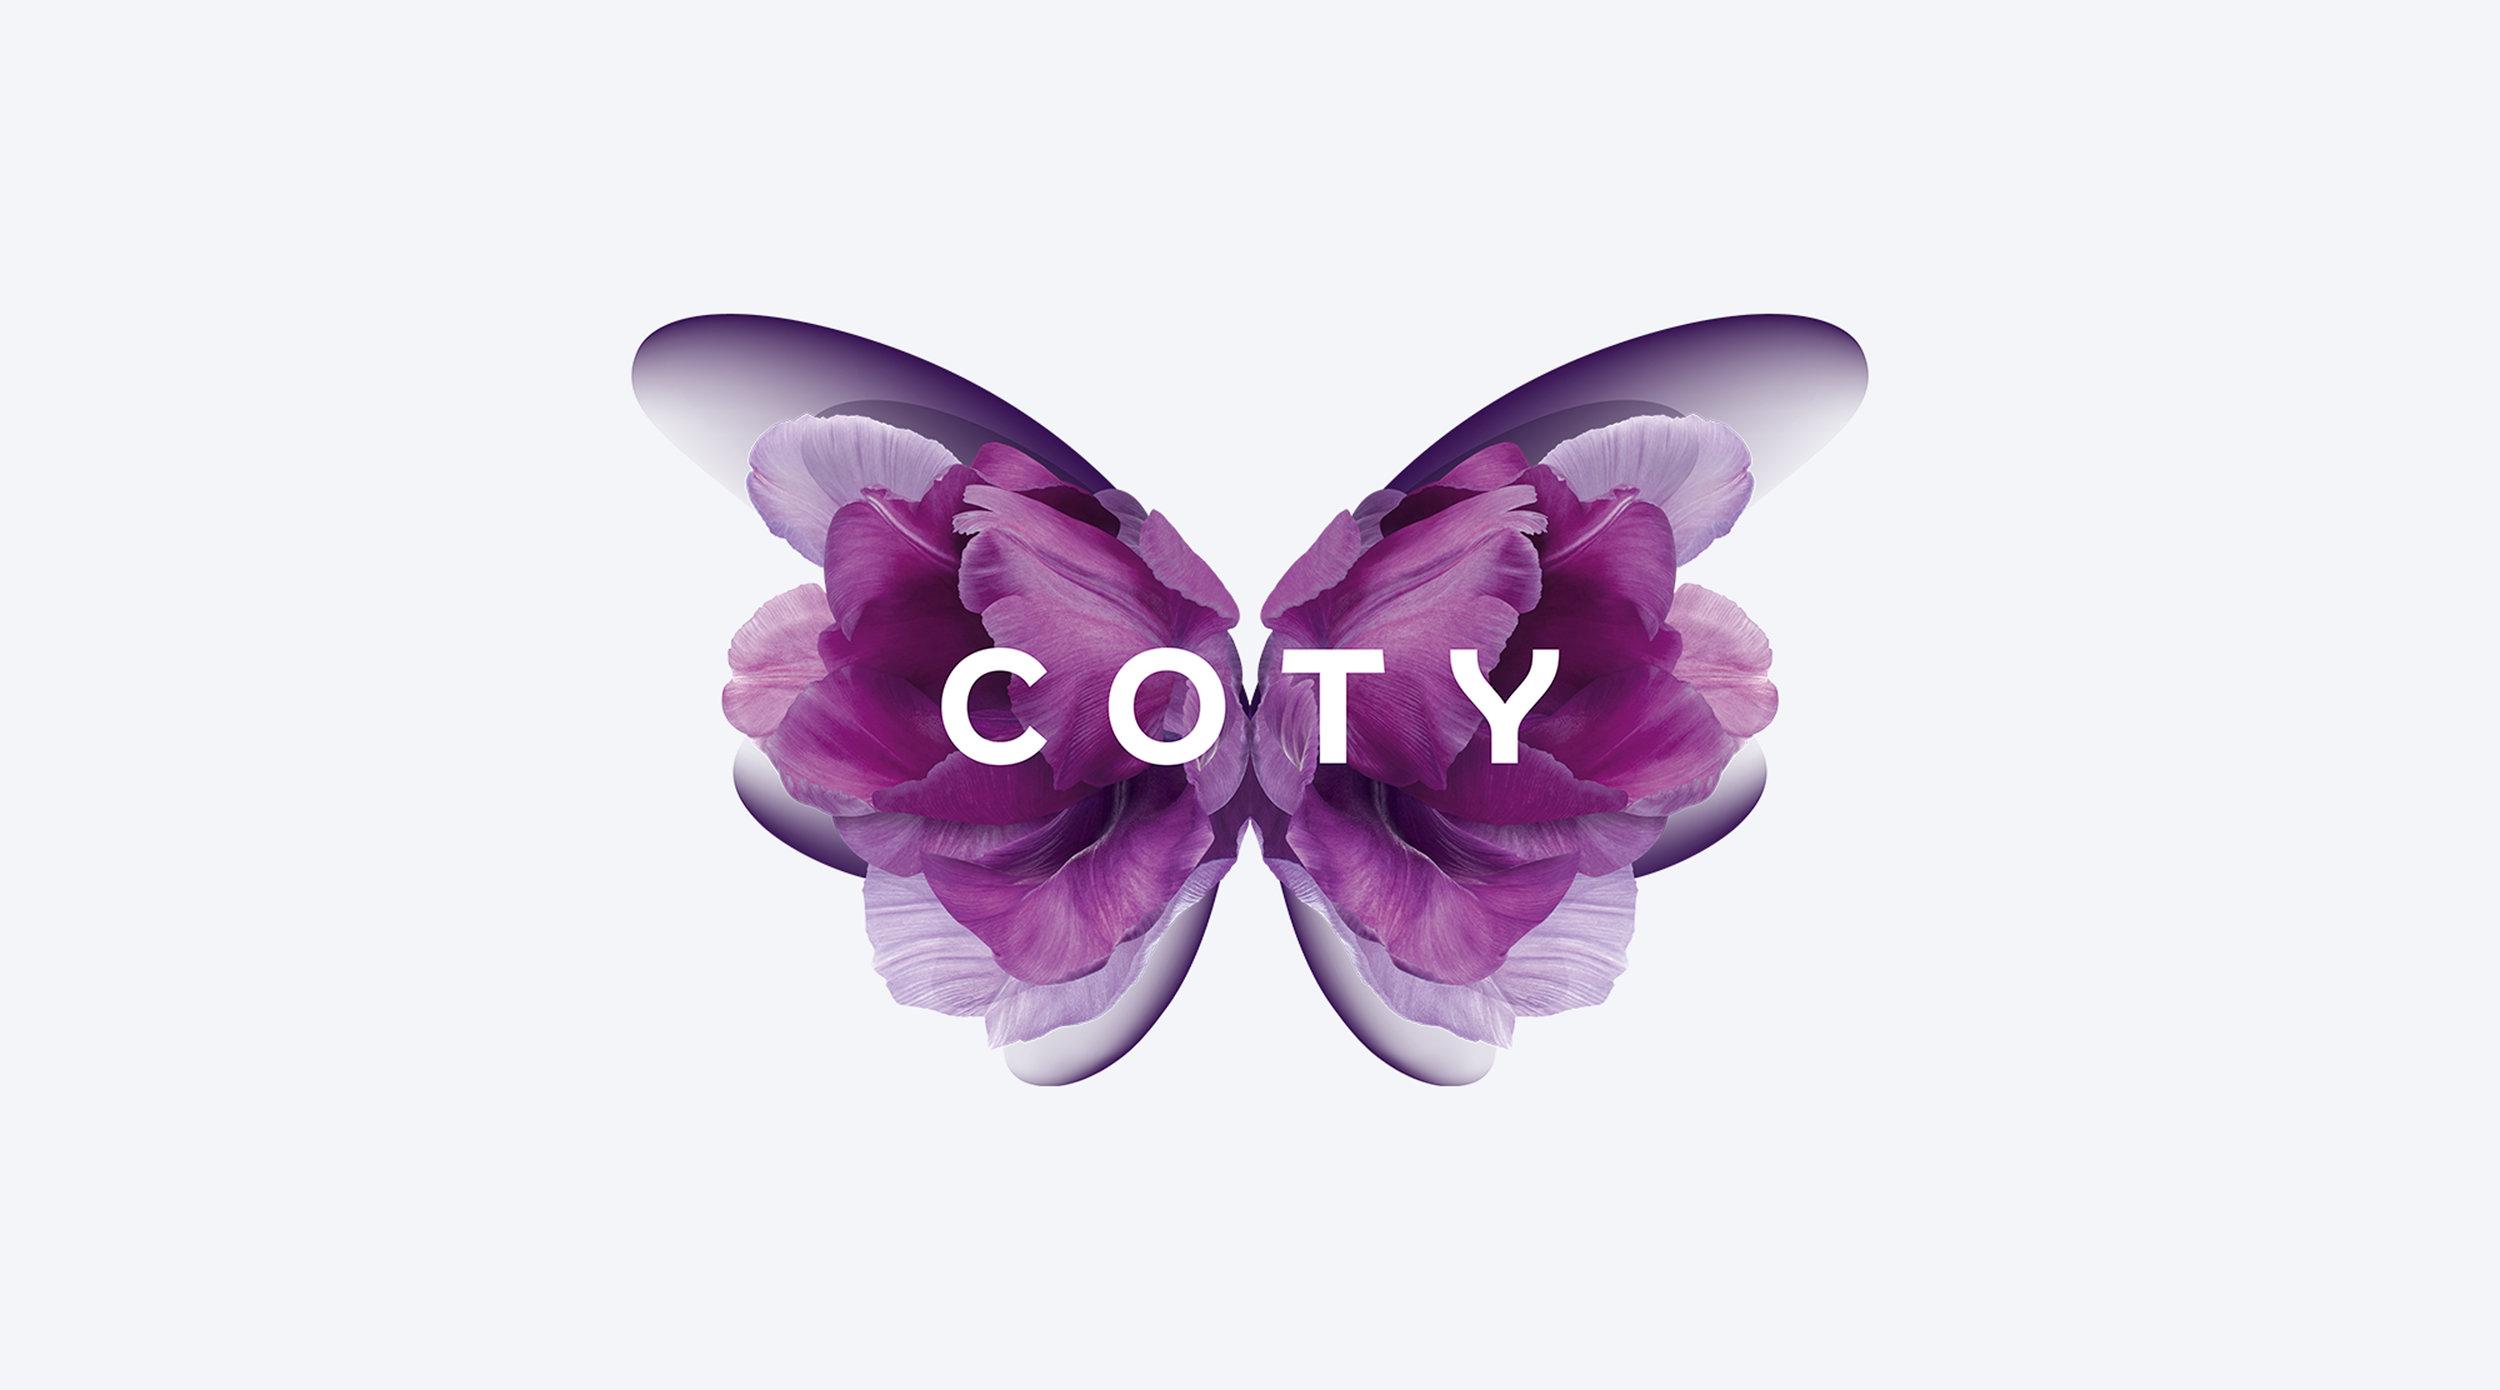 Coty_Case_study_New_Strapline_Master_BF.jpg